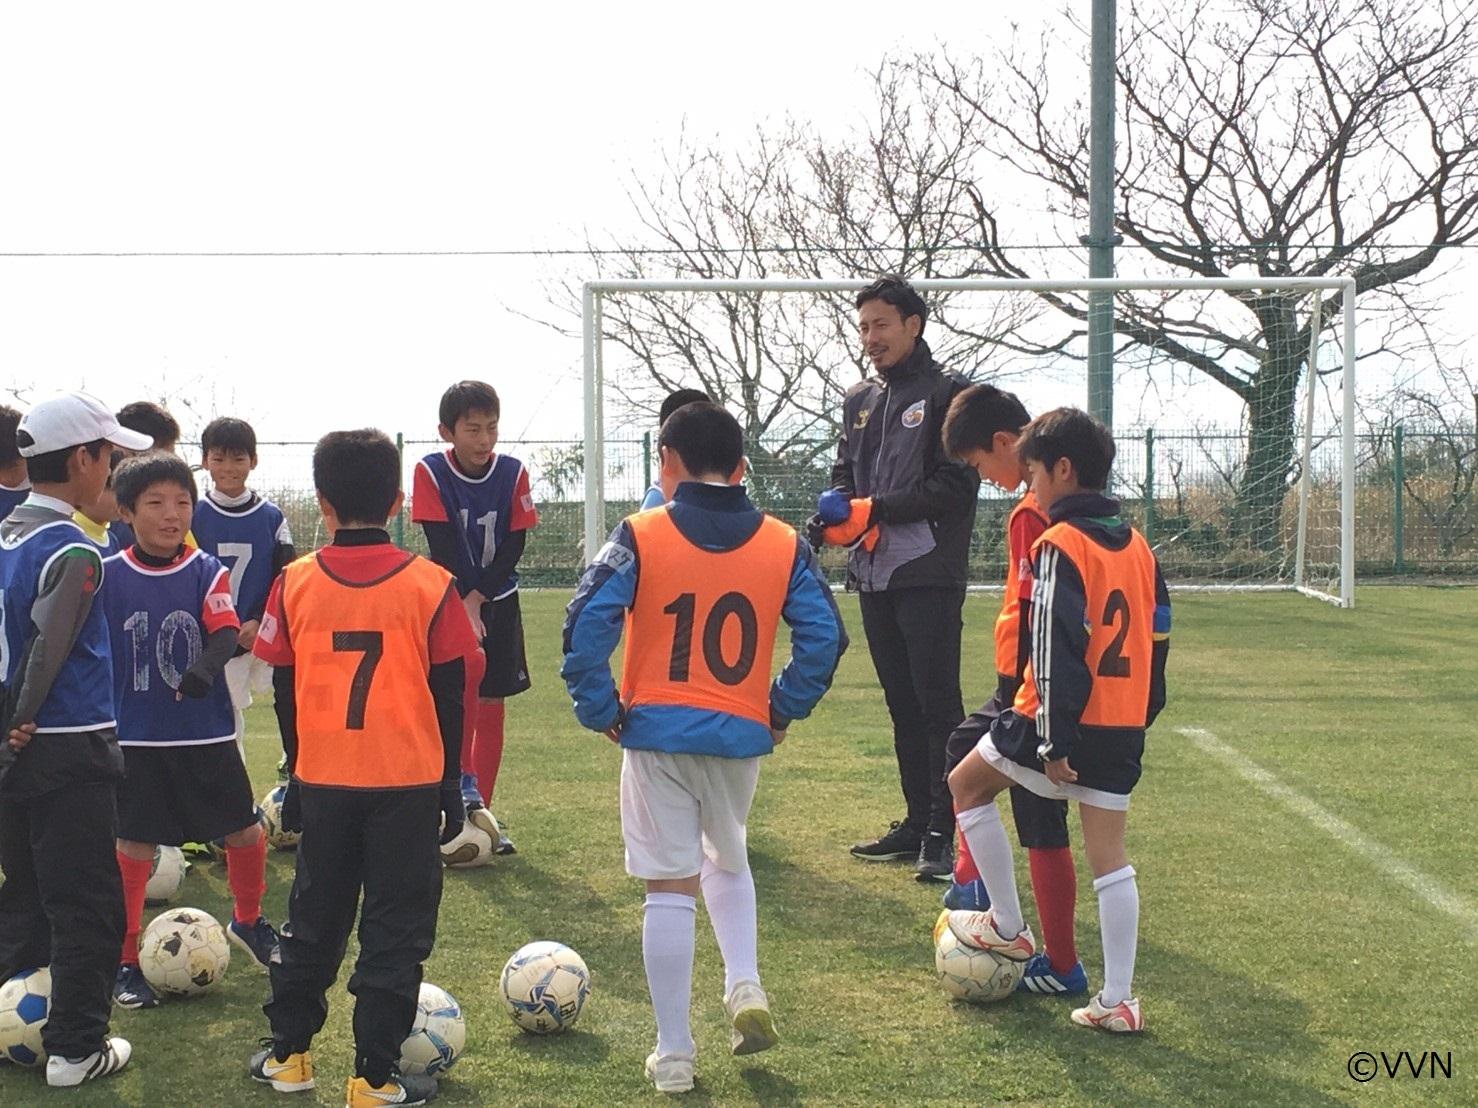 浜松建設presents V・ファーレン長崎サッカー教室参加者募集のお知らせ サムネイル